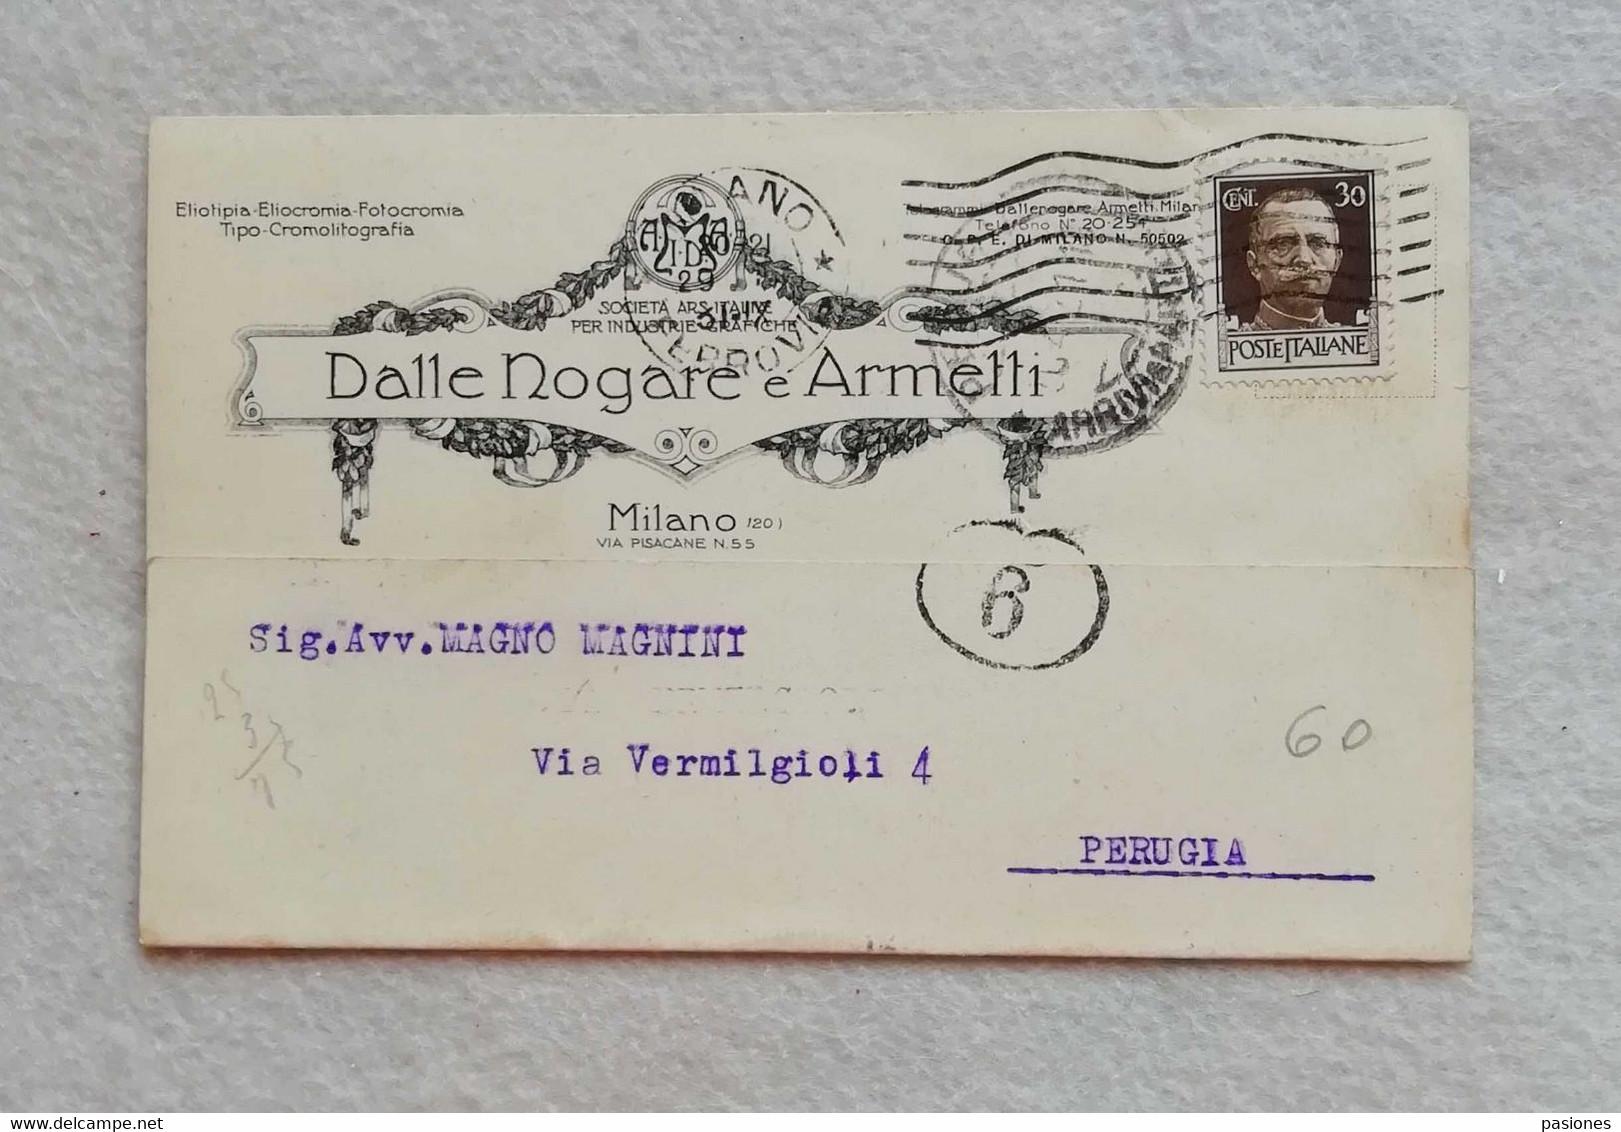 """Cartolina Postale Pubblicitaria """"Dalle Nogare E Armelli"""" Milano Industrie Grafiche, Viaggiata 1931 - Publicidad"""